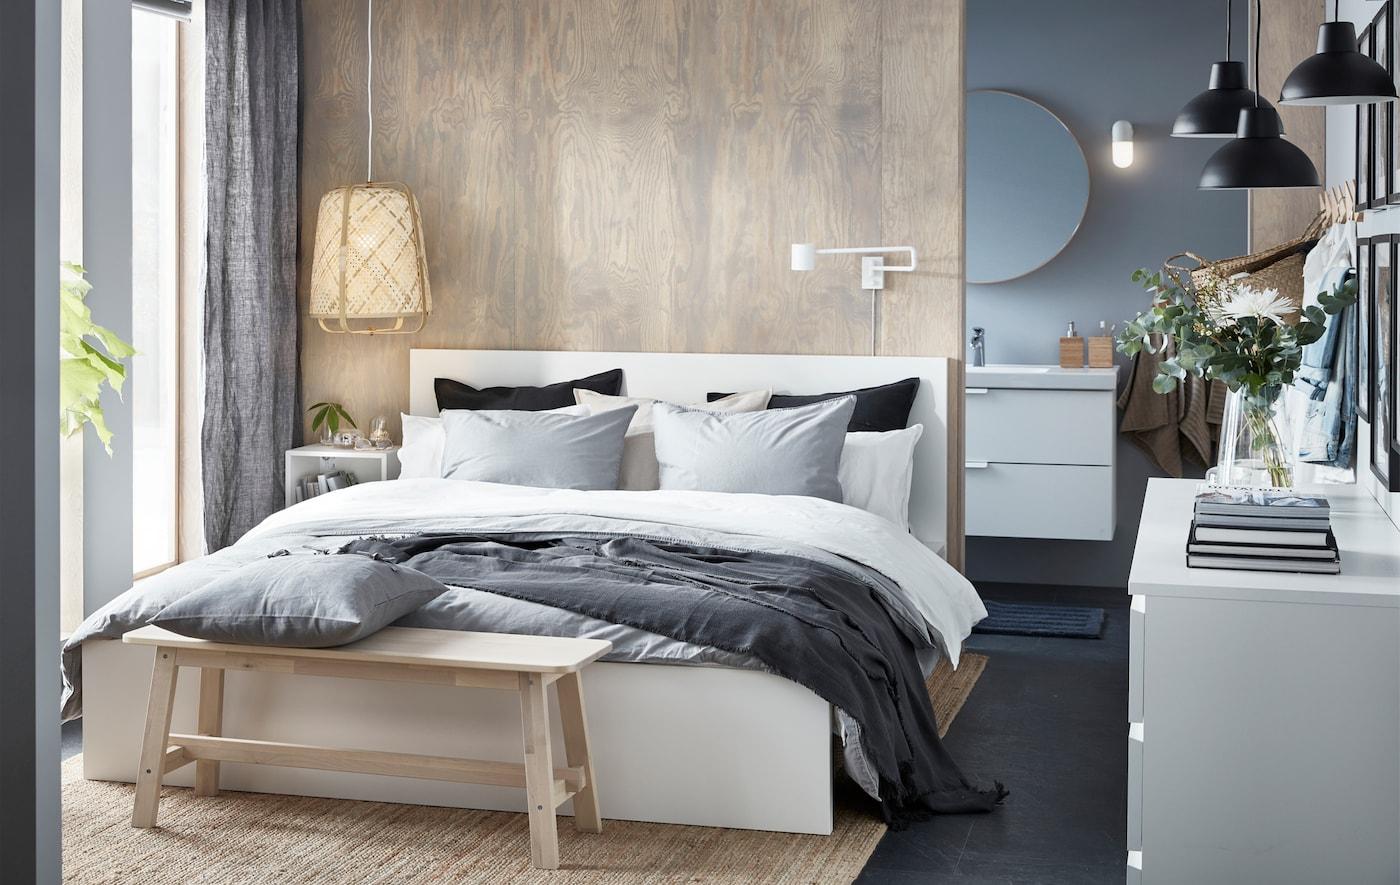 Minimalistischer Luxus In Einem Kleinen Stilvollen Ikea Schweiz